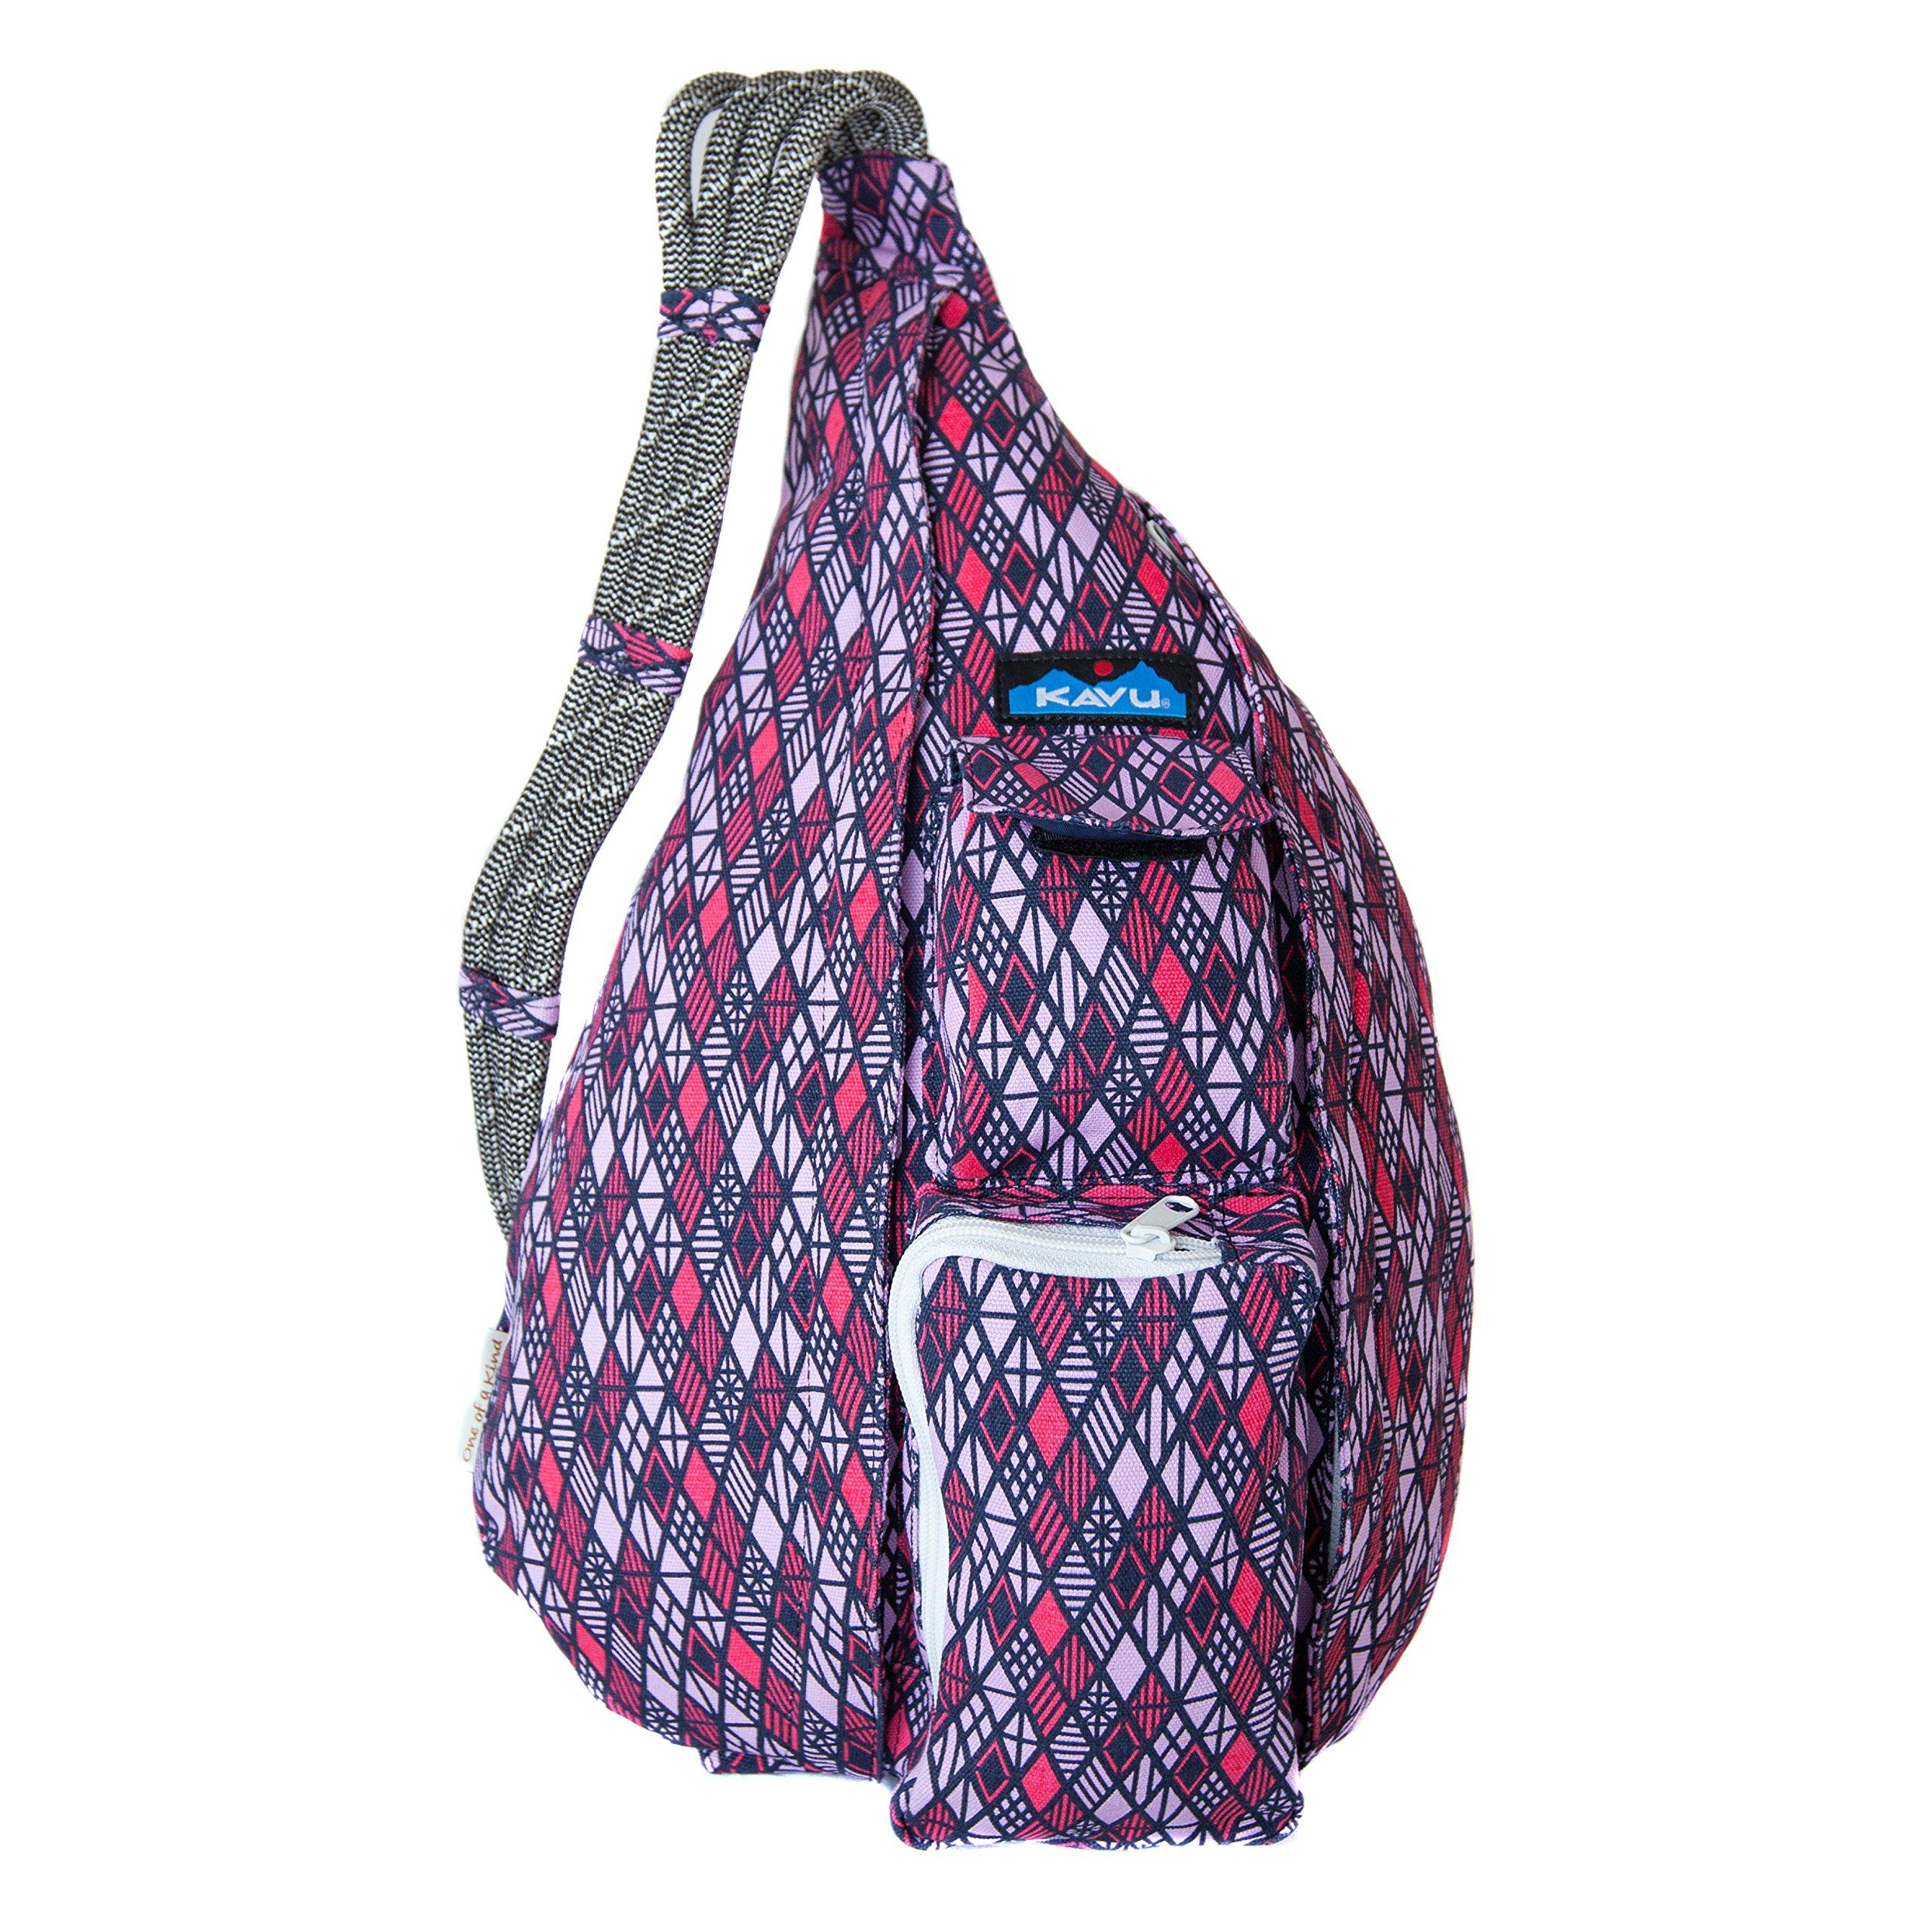 KAVU Rope Bag Shoulder Sling Cotton Crossbody Backpack - Diamonds by KAVU